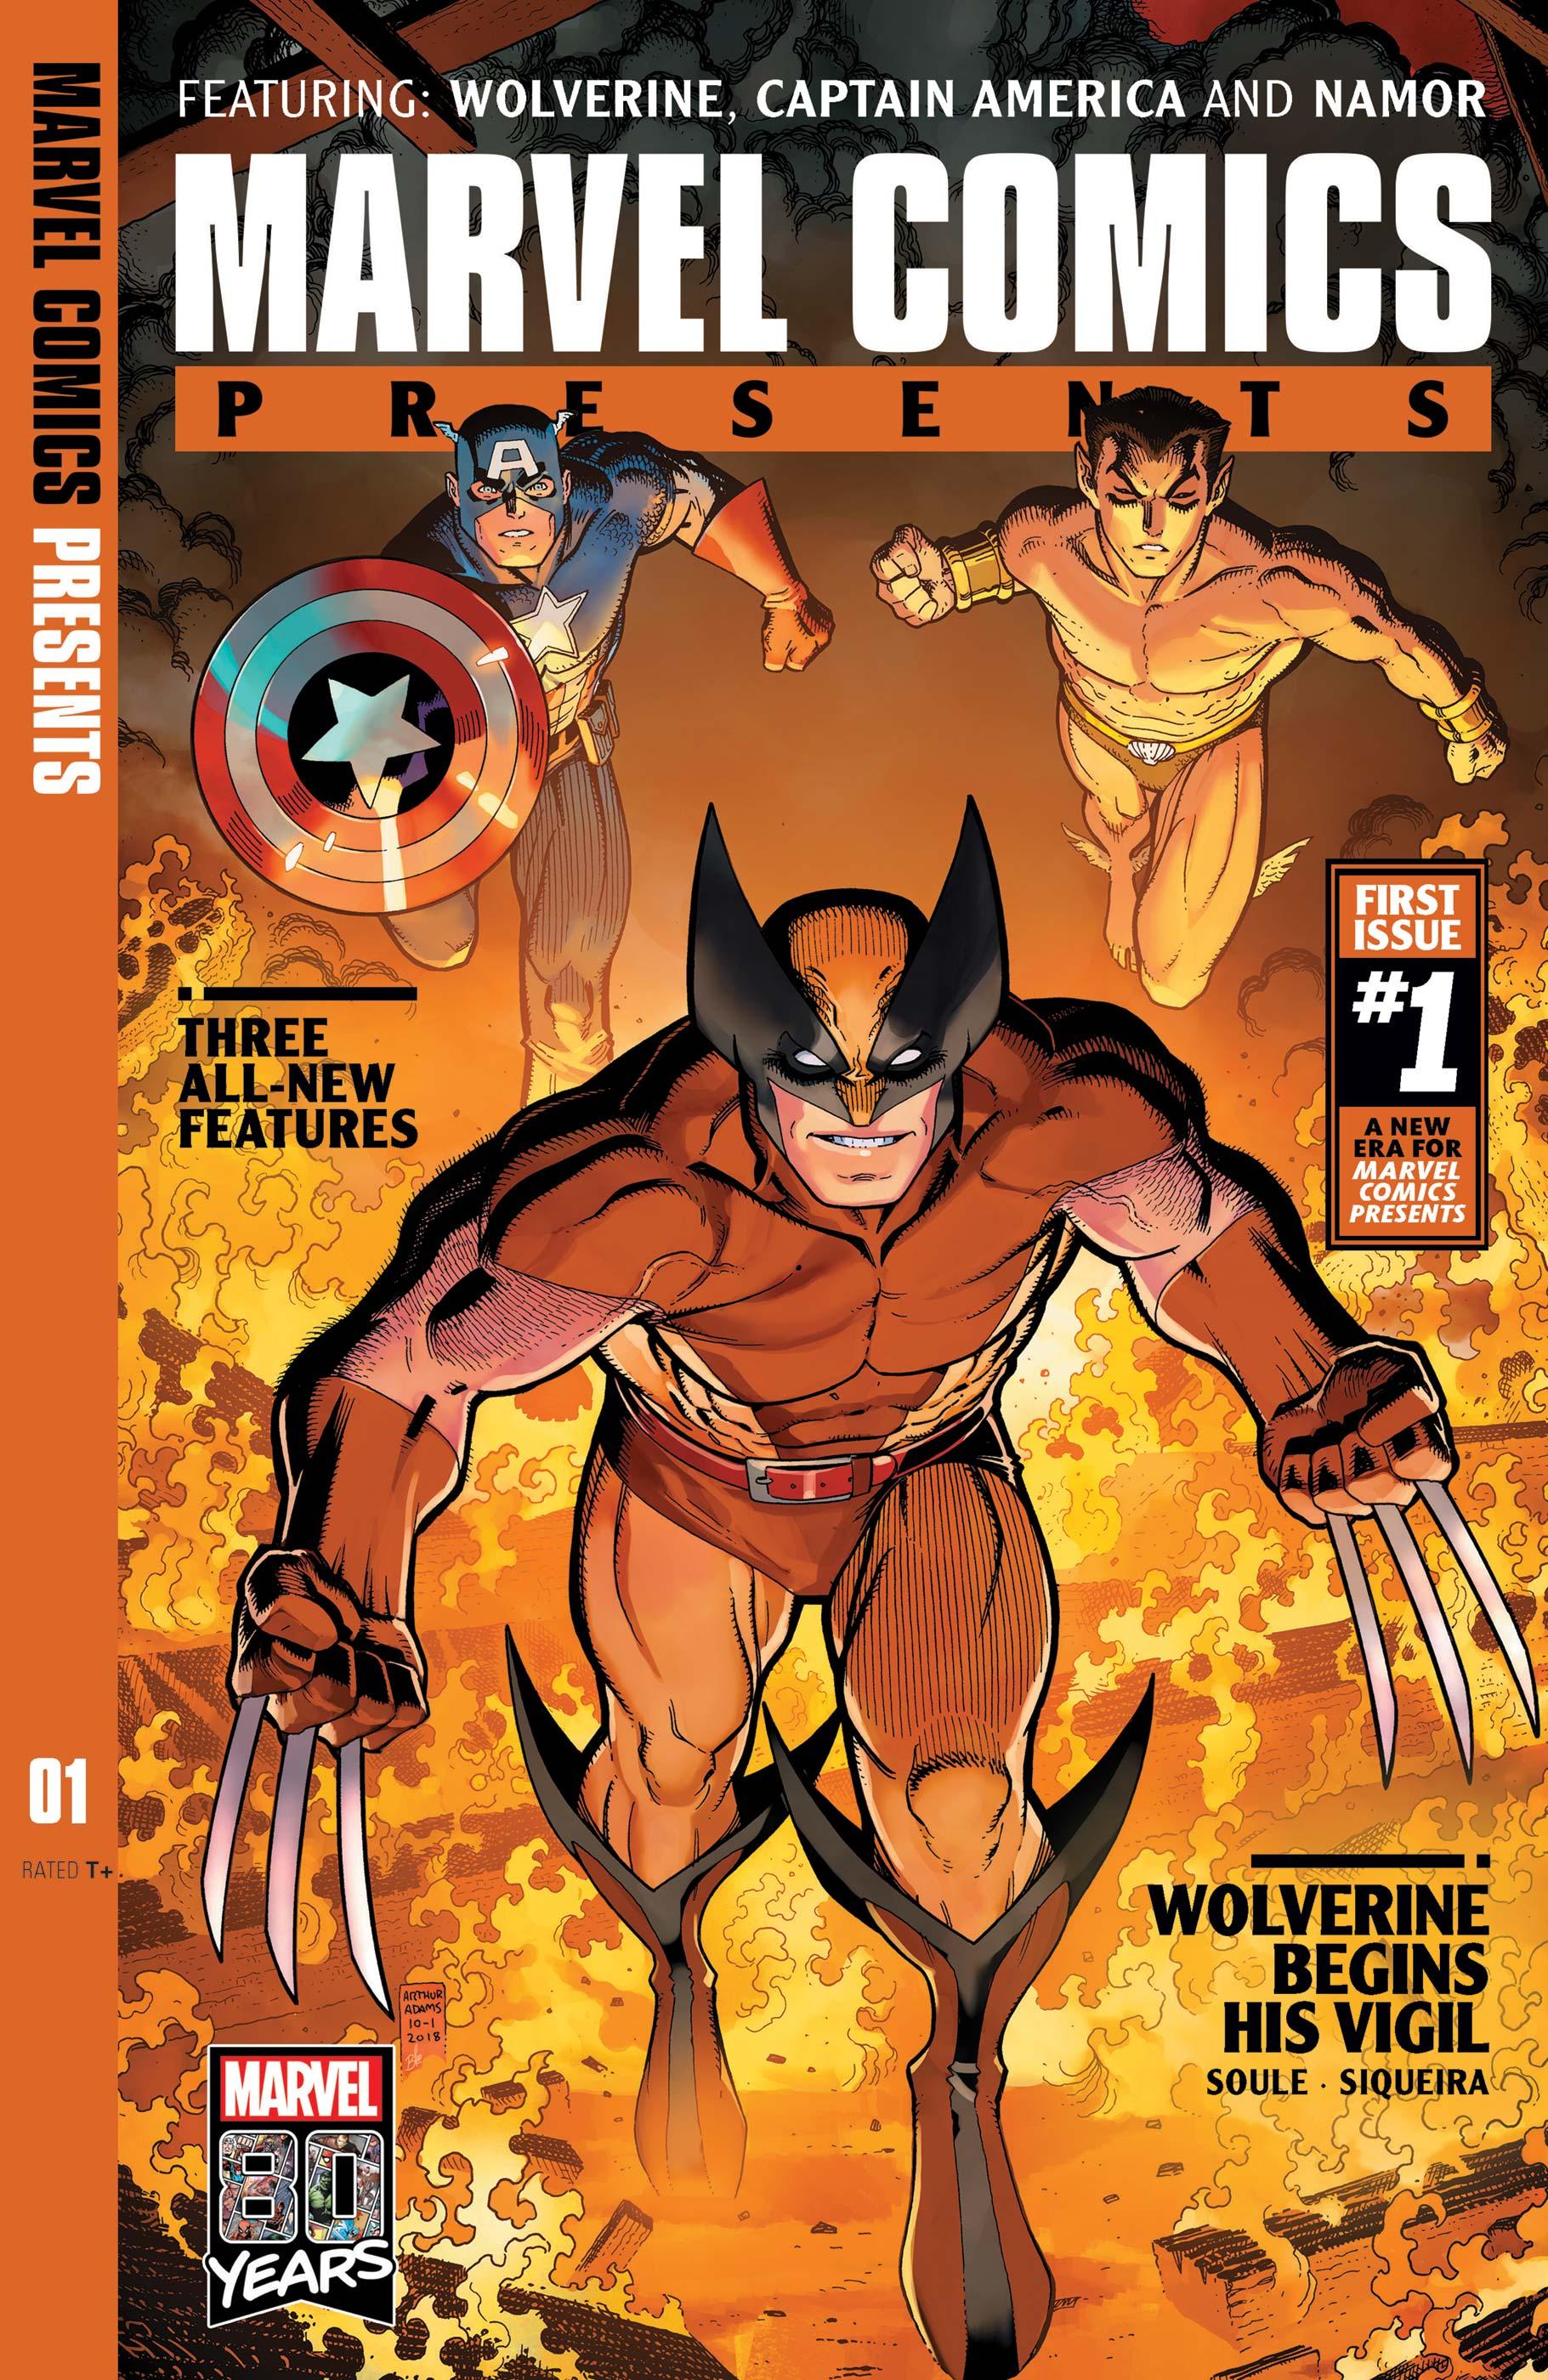 Marvel Comics Presents (2019) #1